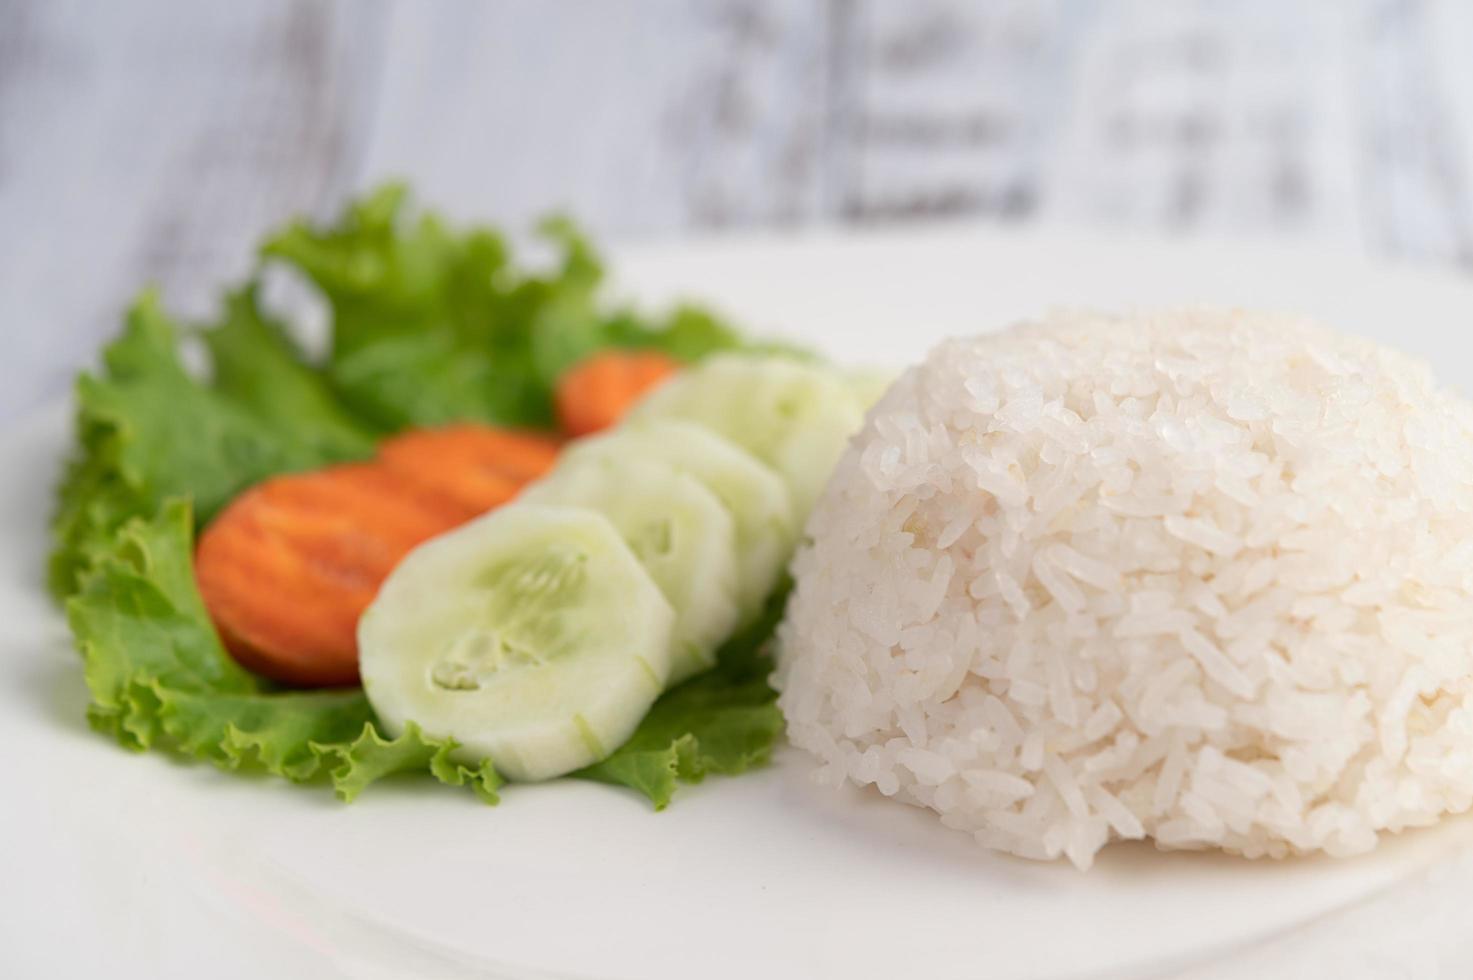 riz cuit à la vapeur avec concombre, salade et carottes photo